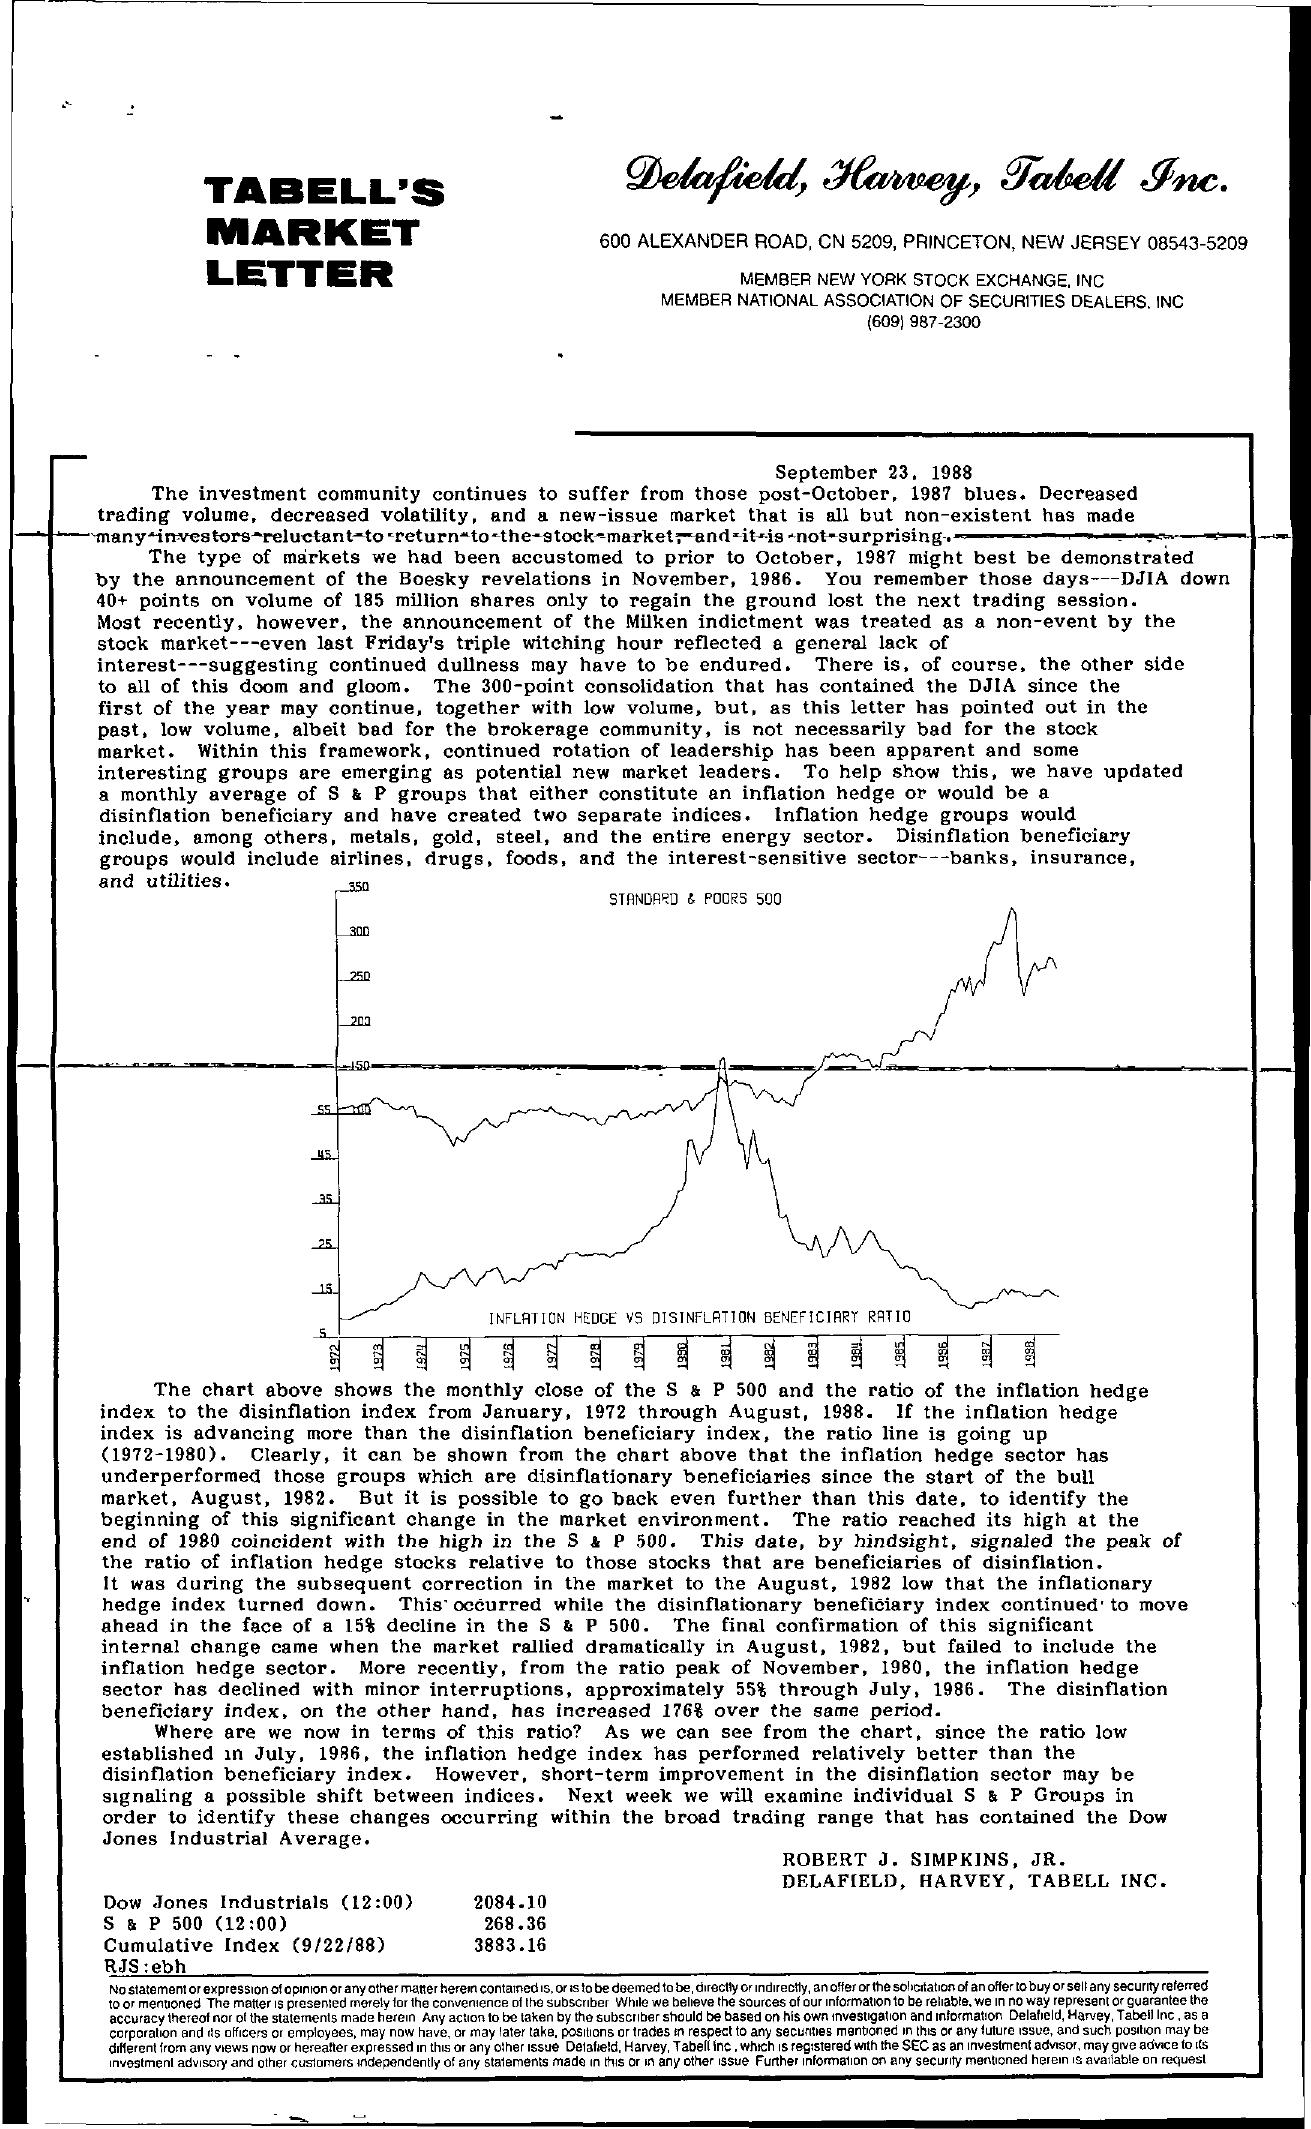 Tabell's Market Letter - September 23, 1988